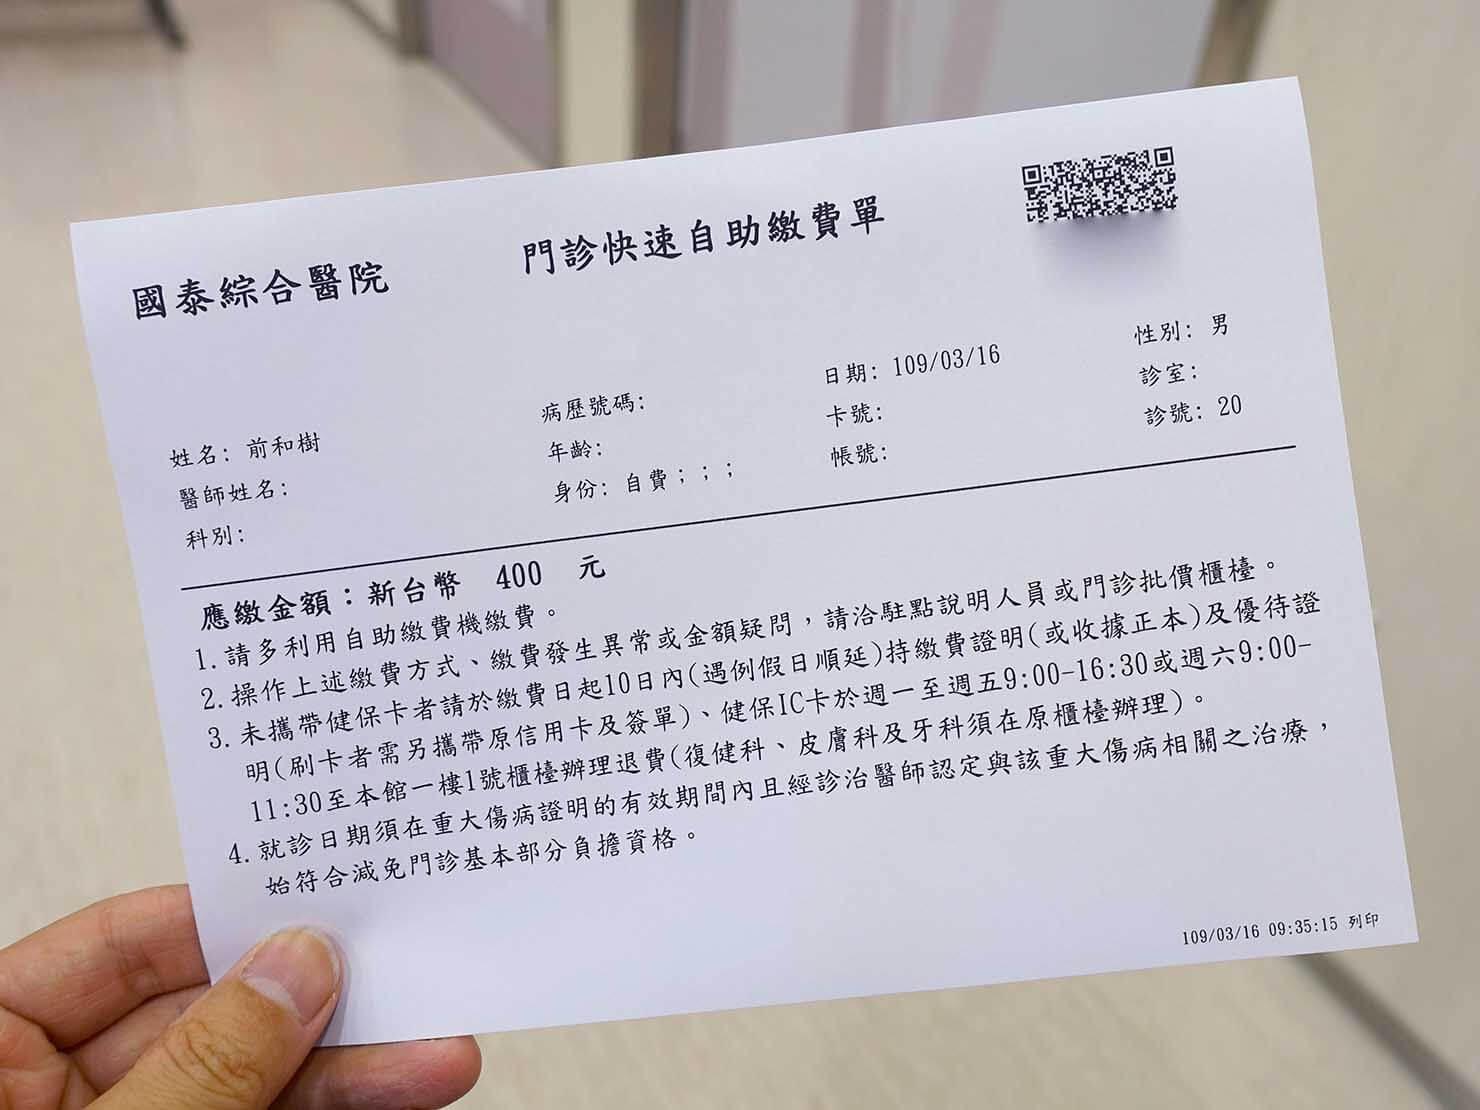 台北・國泰綜合醫院の門診繳費單